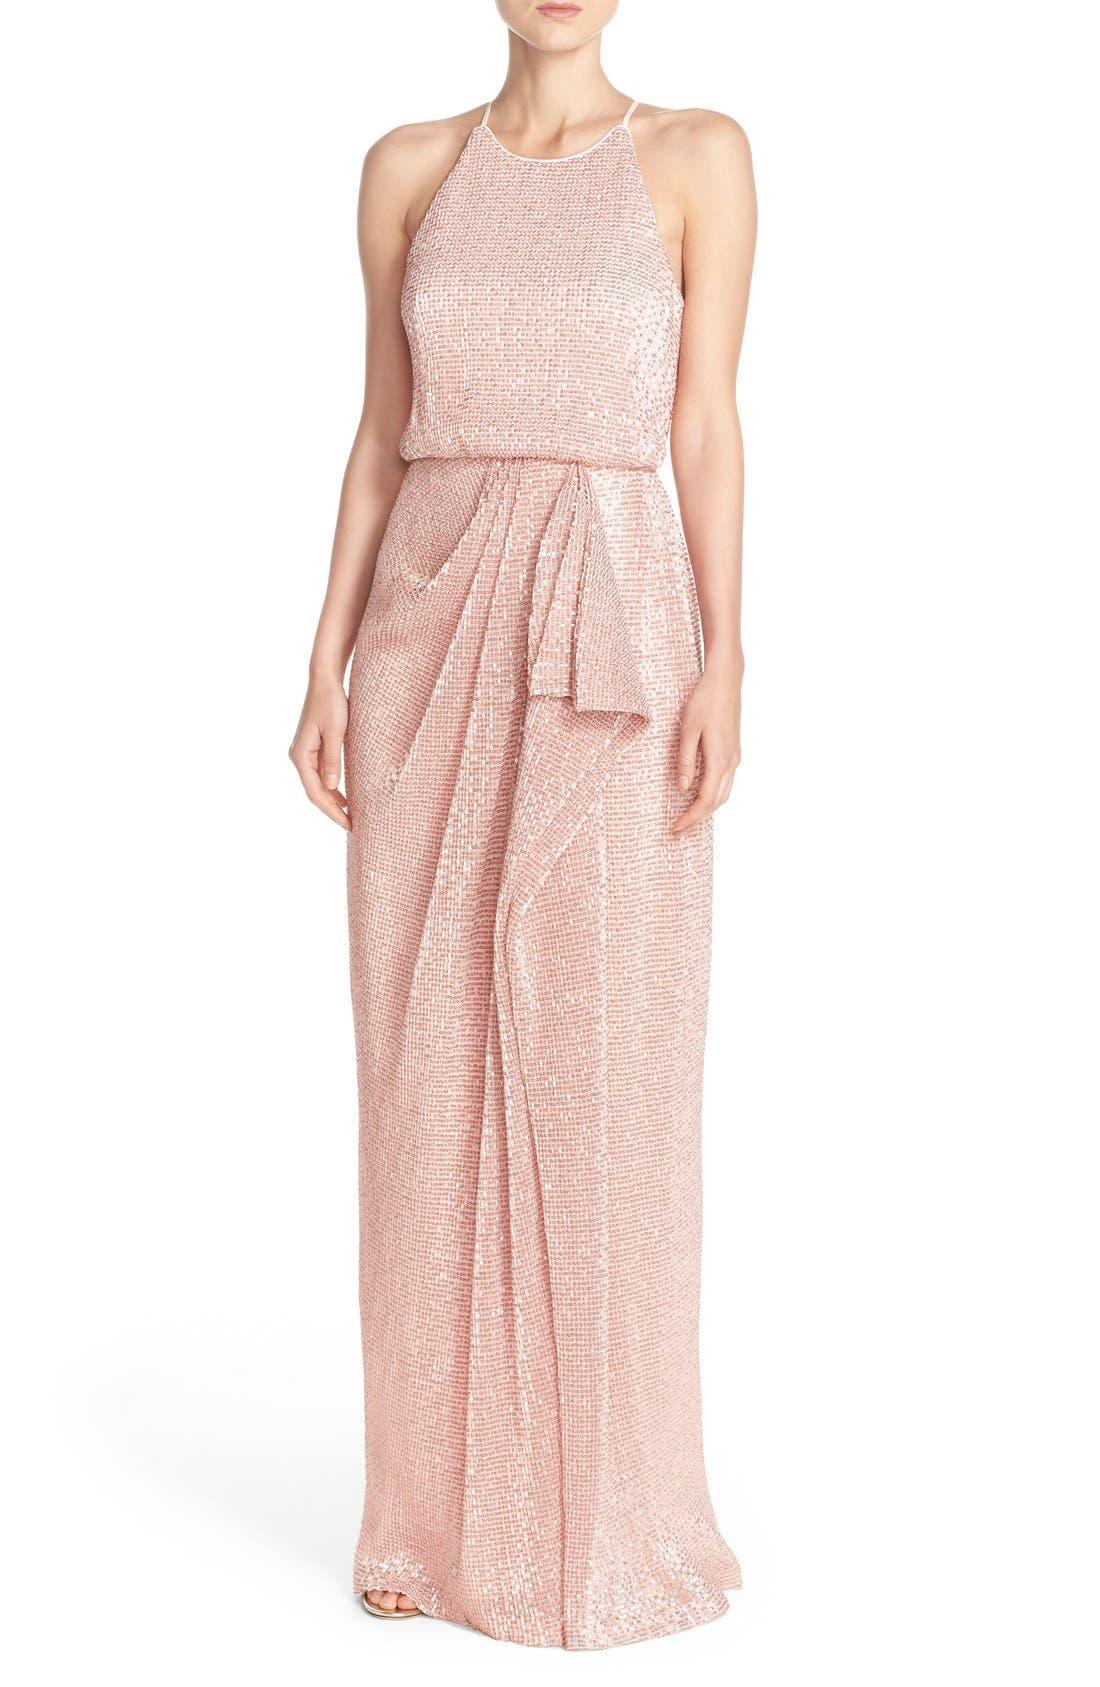 Main Image - Badgley Mischka Sequin Mesh Blouson Gown